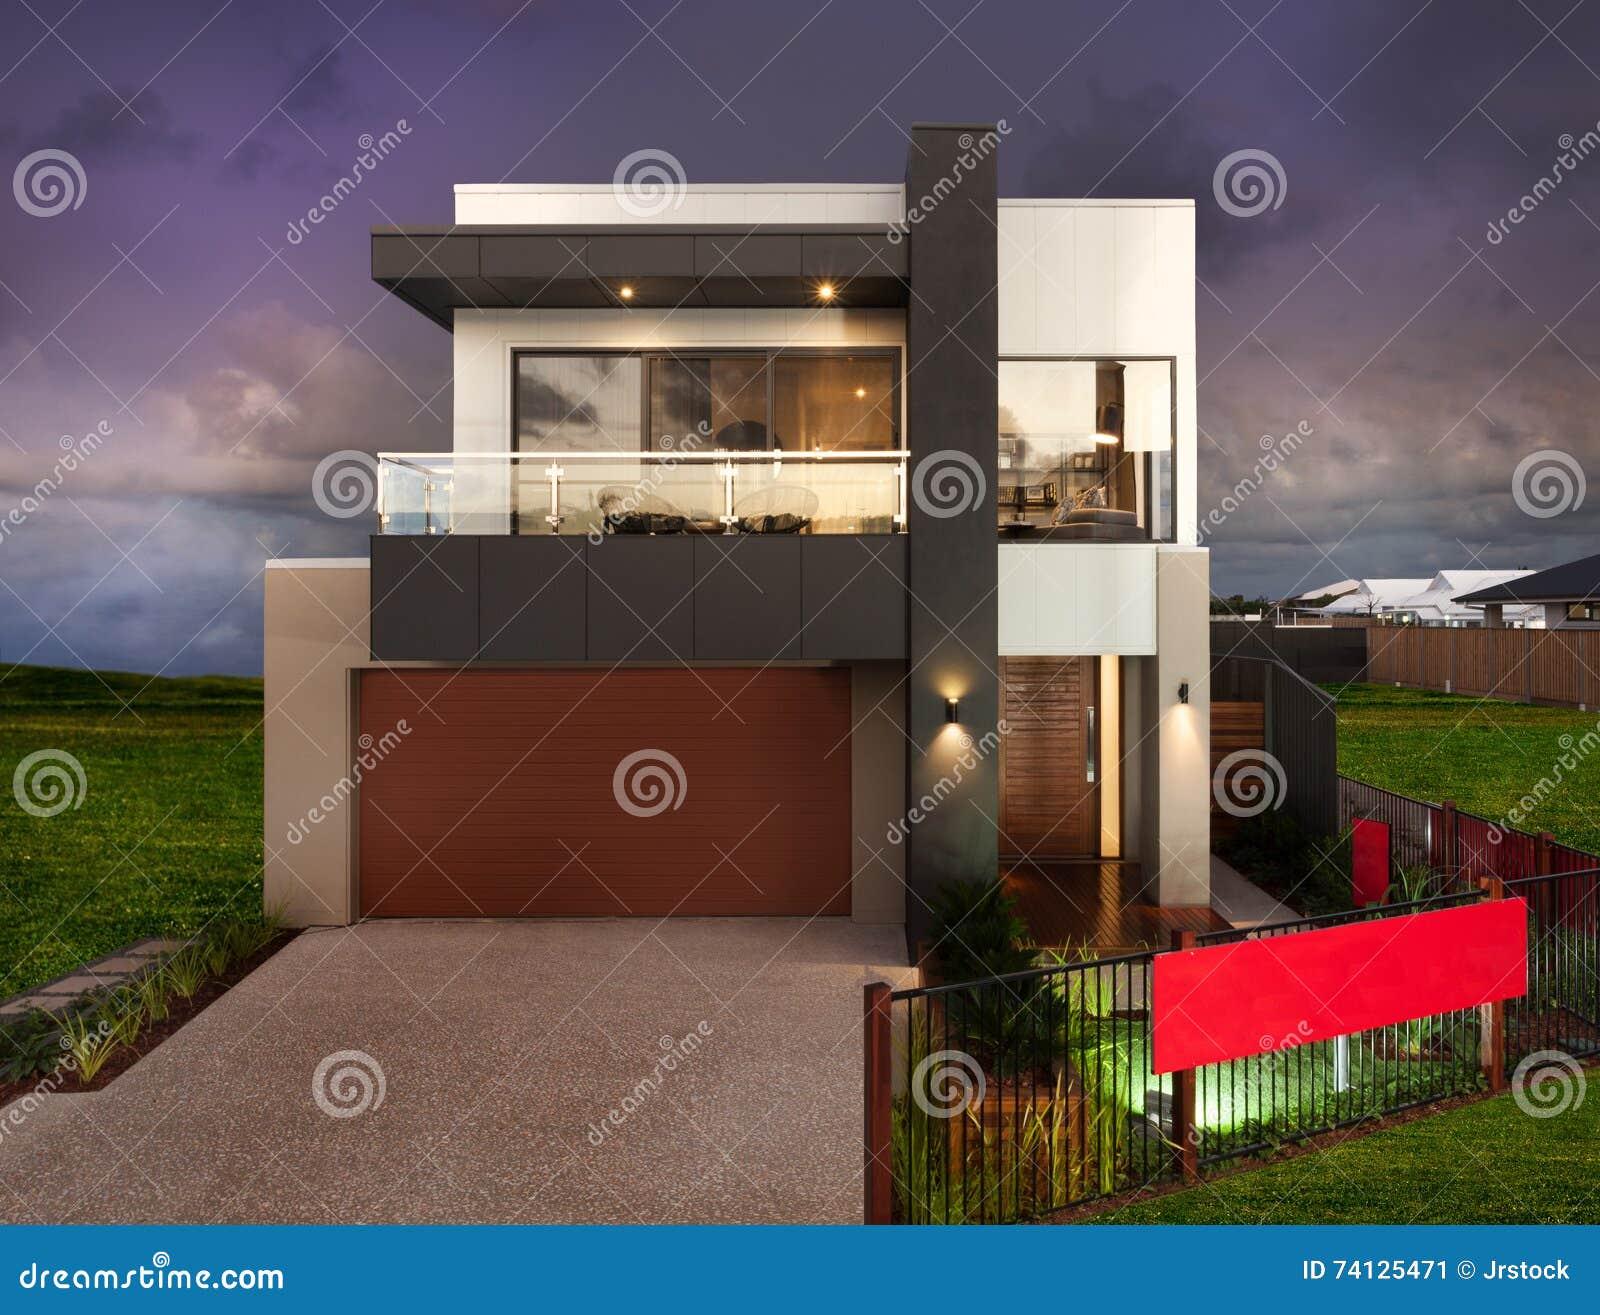 Applic da giardino for Progettazione della casa territoriale